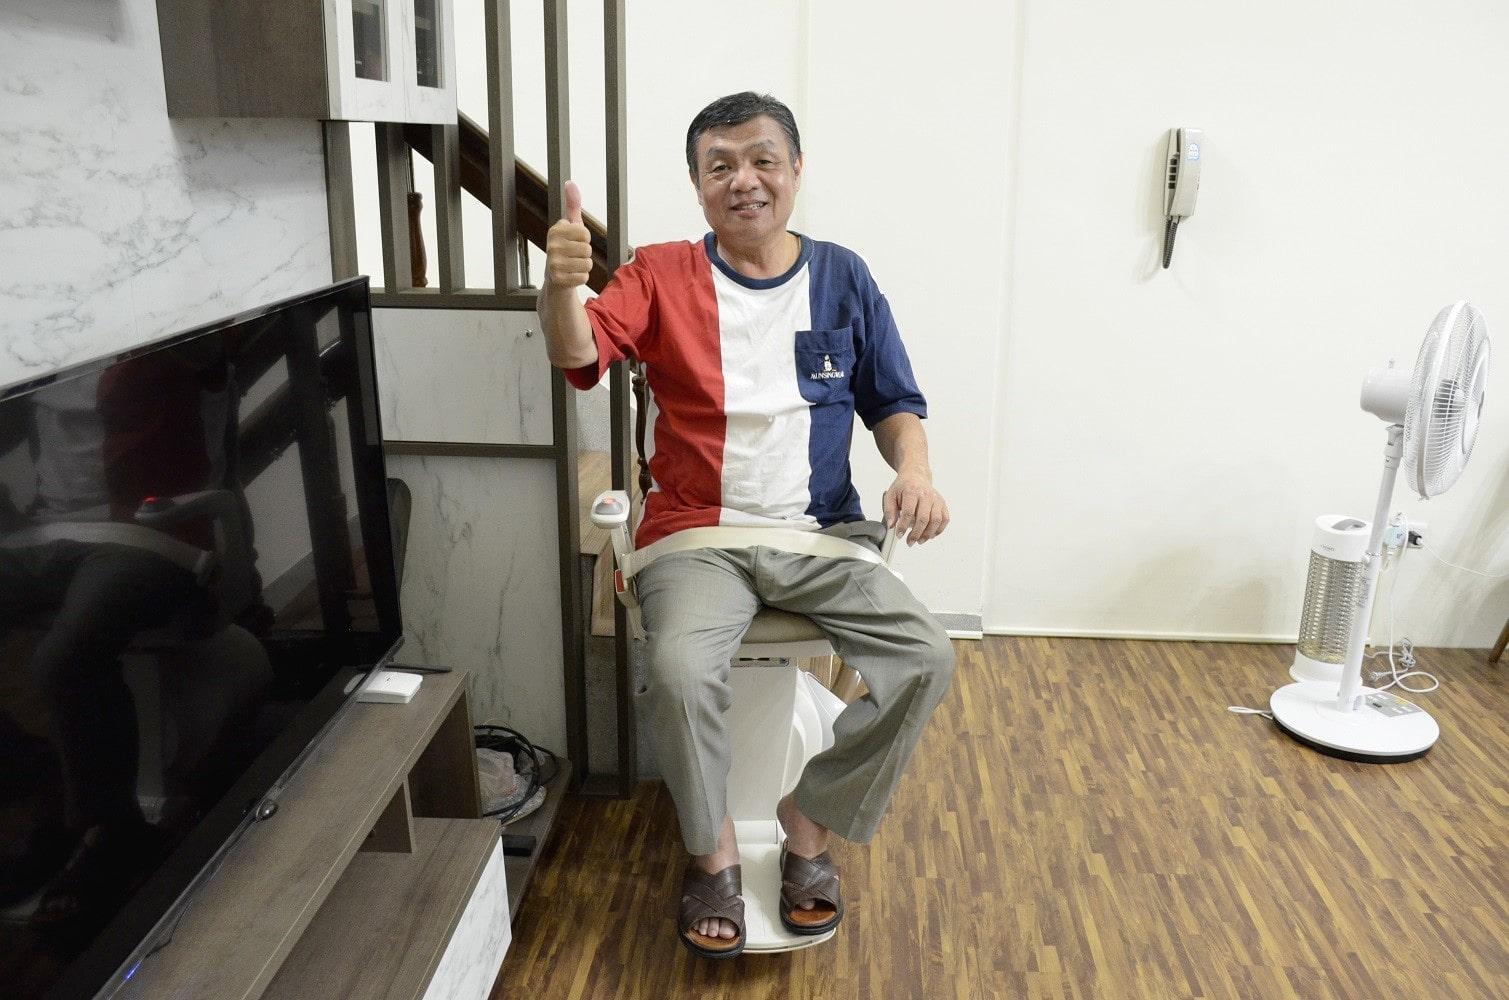 台中樓梯升降椅安裝案例 - 台中大里區陳大哥